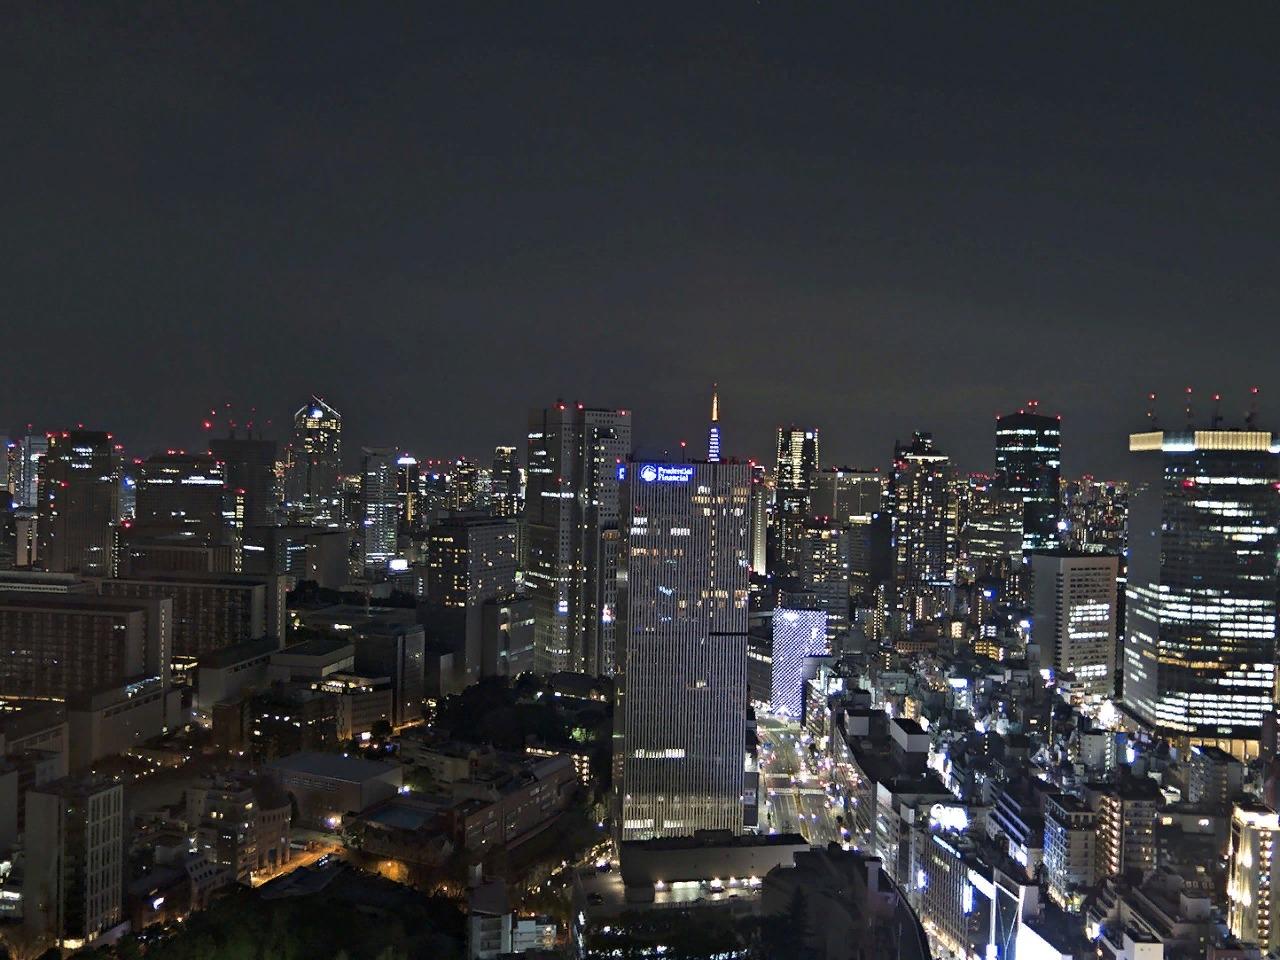 Ночной Токио, вид с 33 этажа отеля.